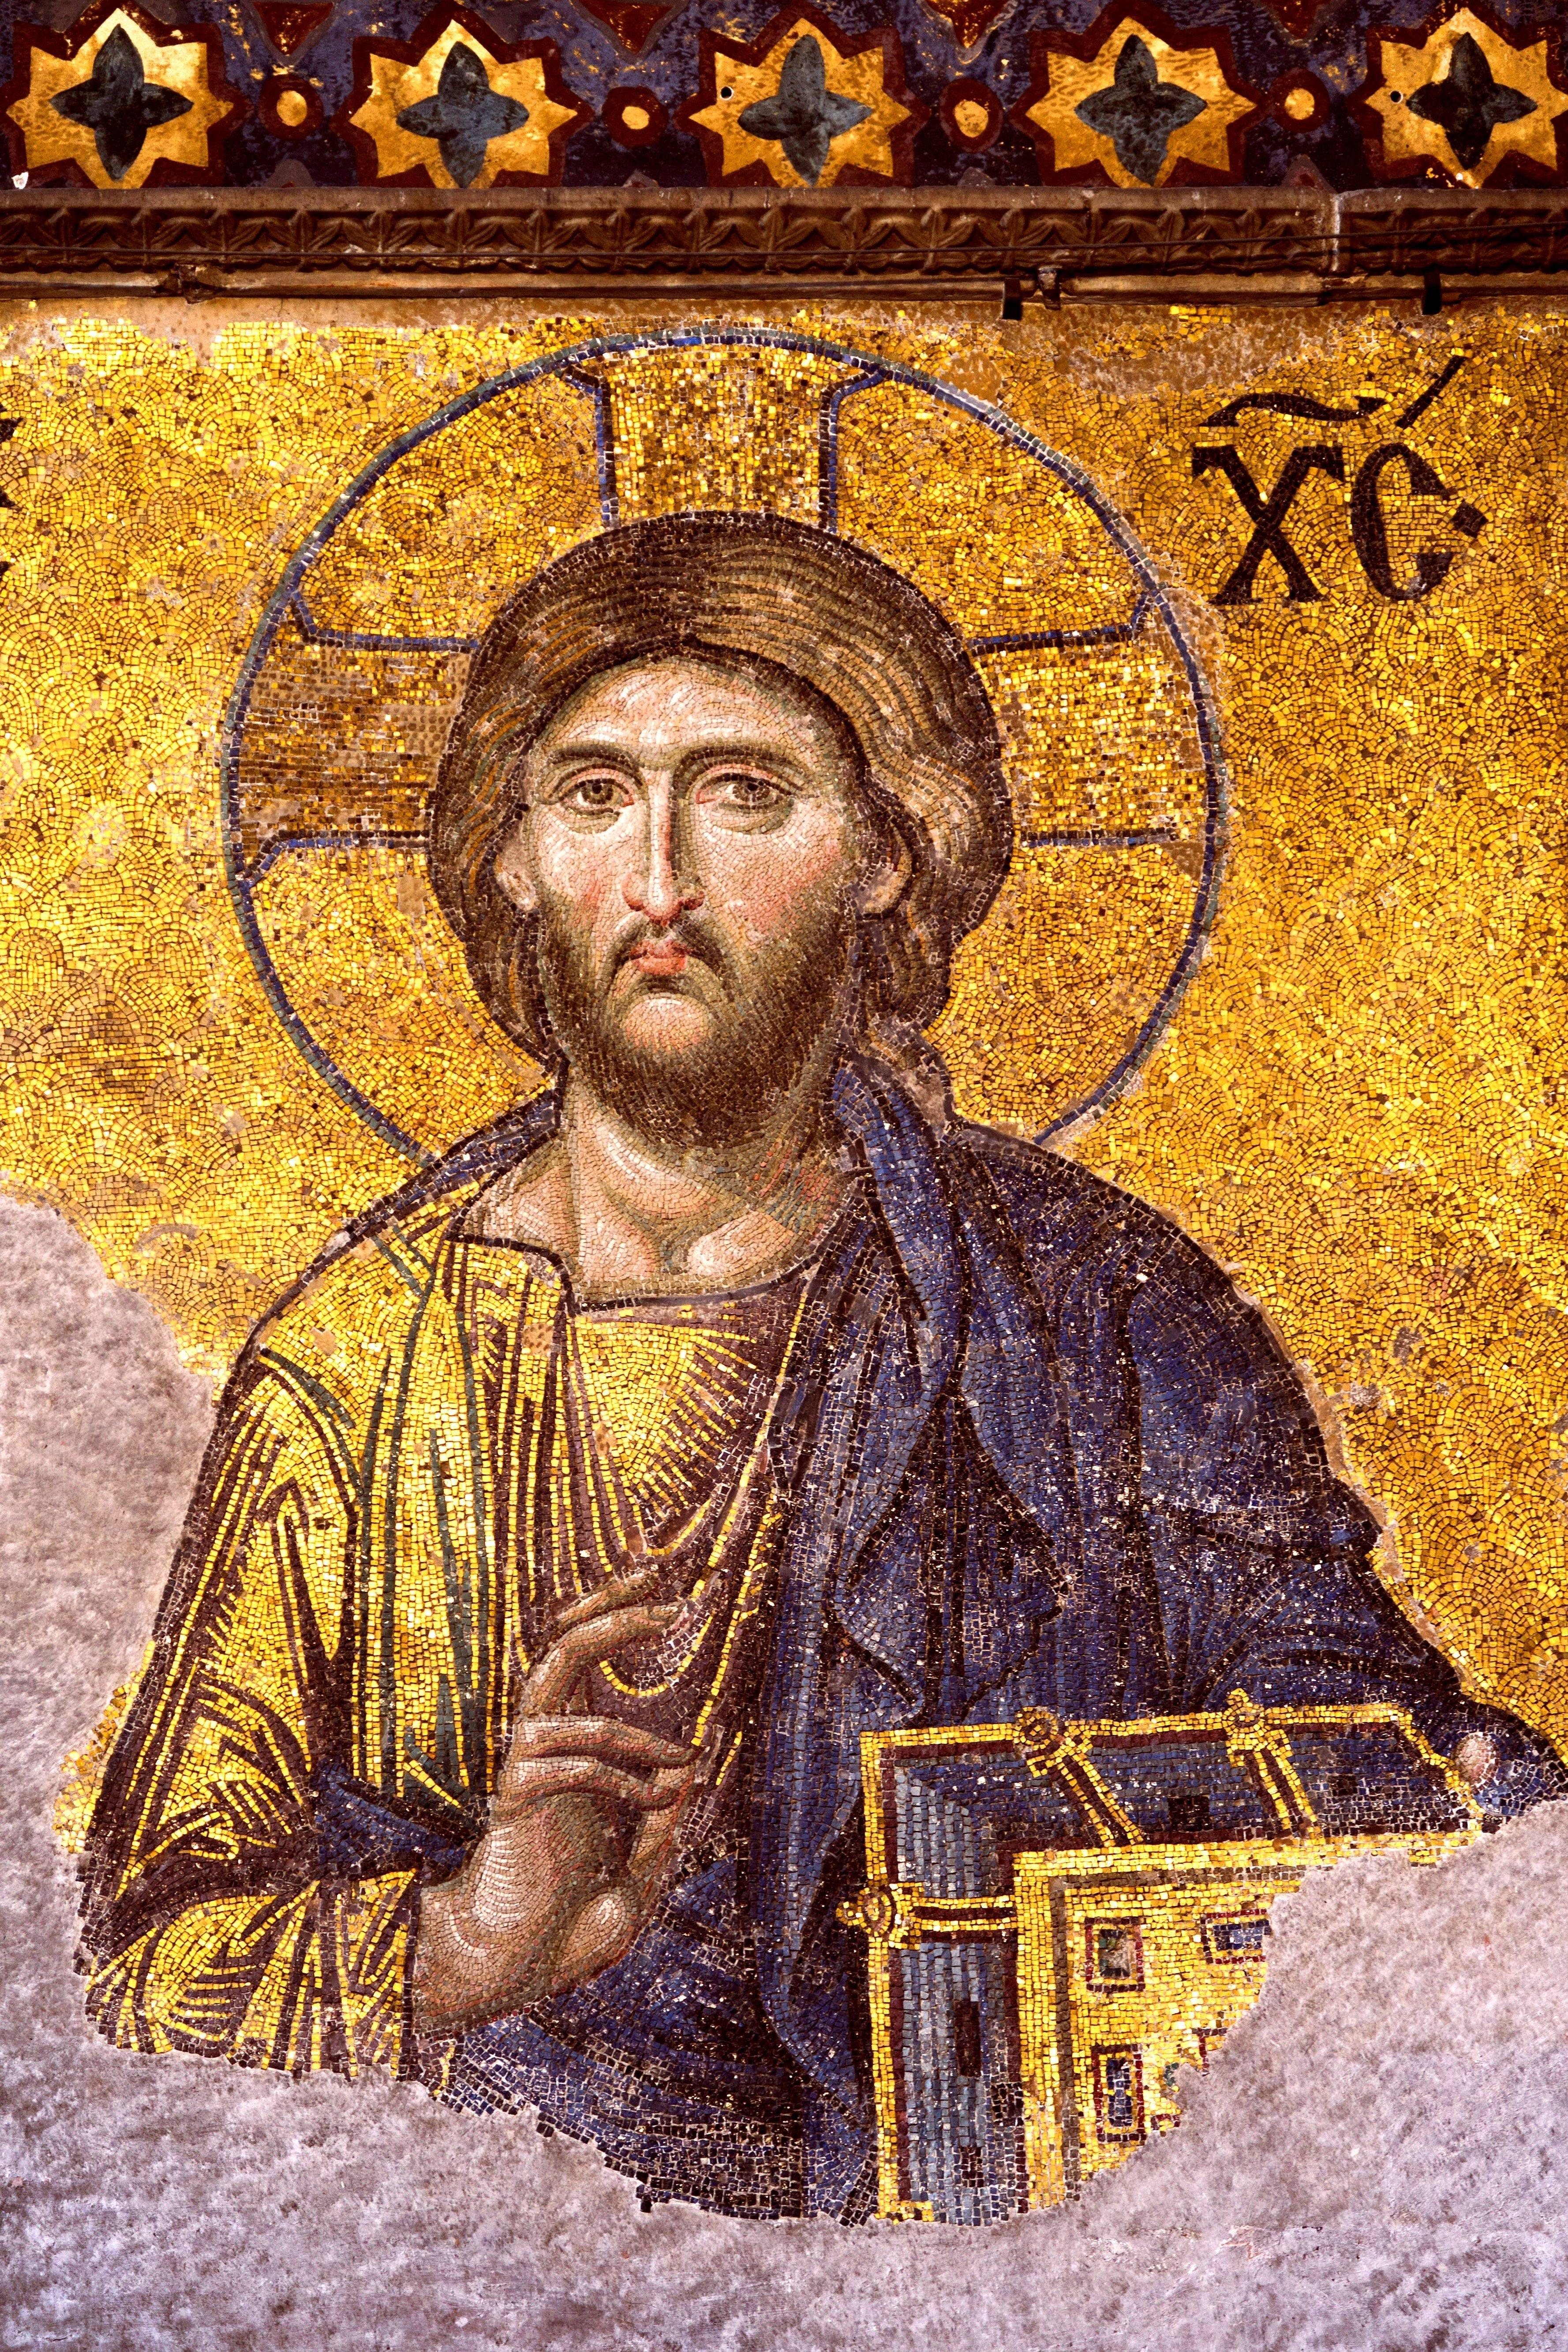 Деисис. Мозаика в Соборе Святой Софии в Константинополе. Около 1261 года. Фрагмент. Господь наш Иисус Христос.